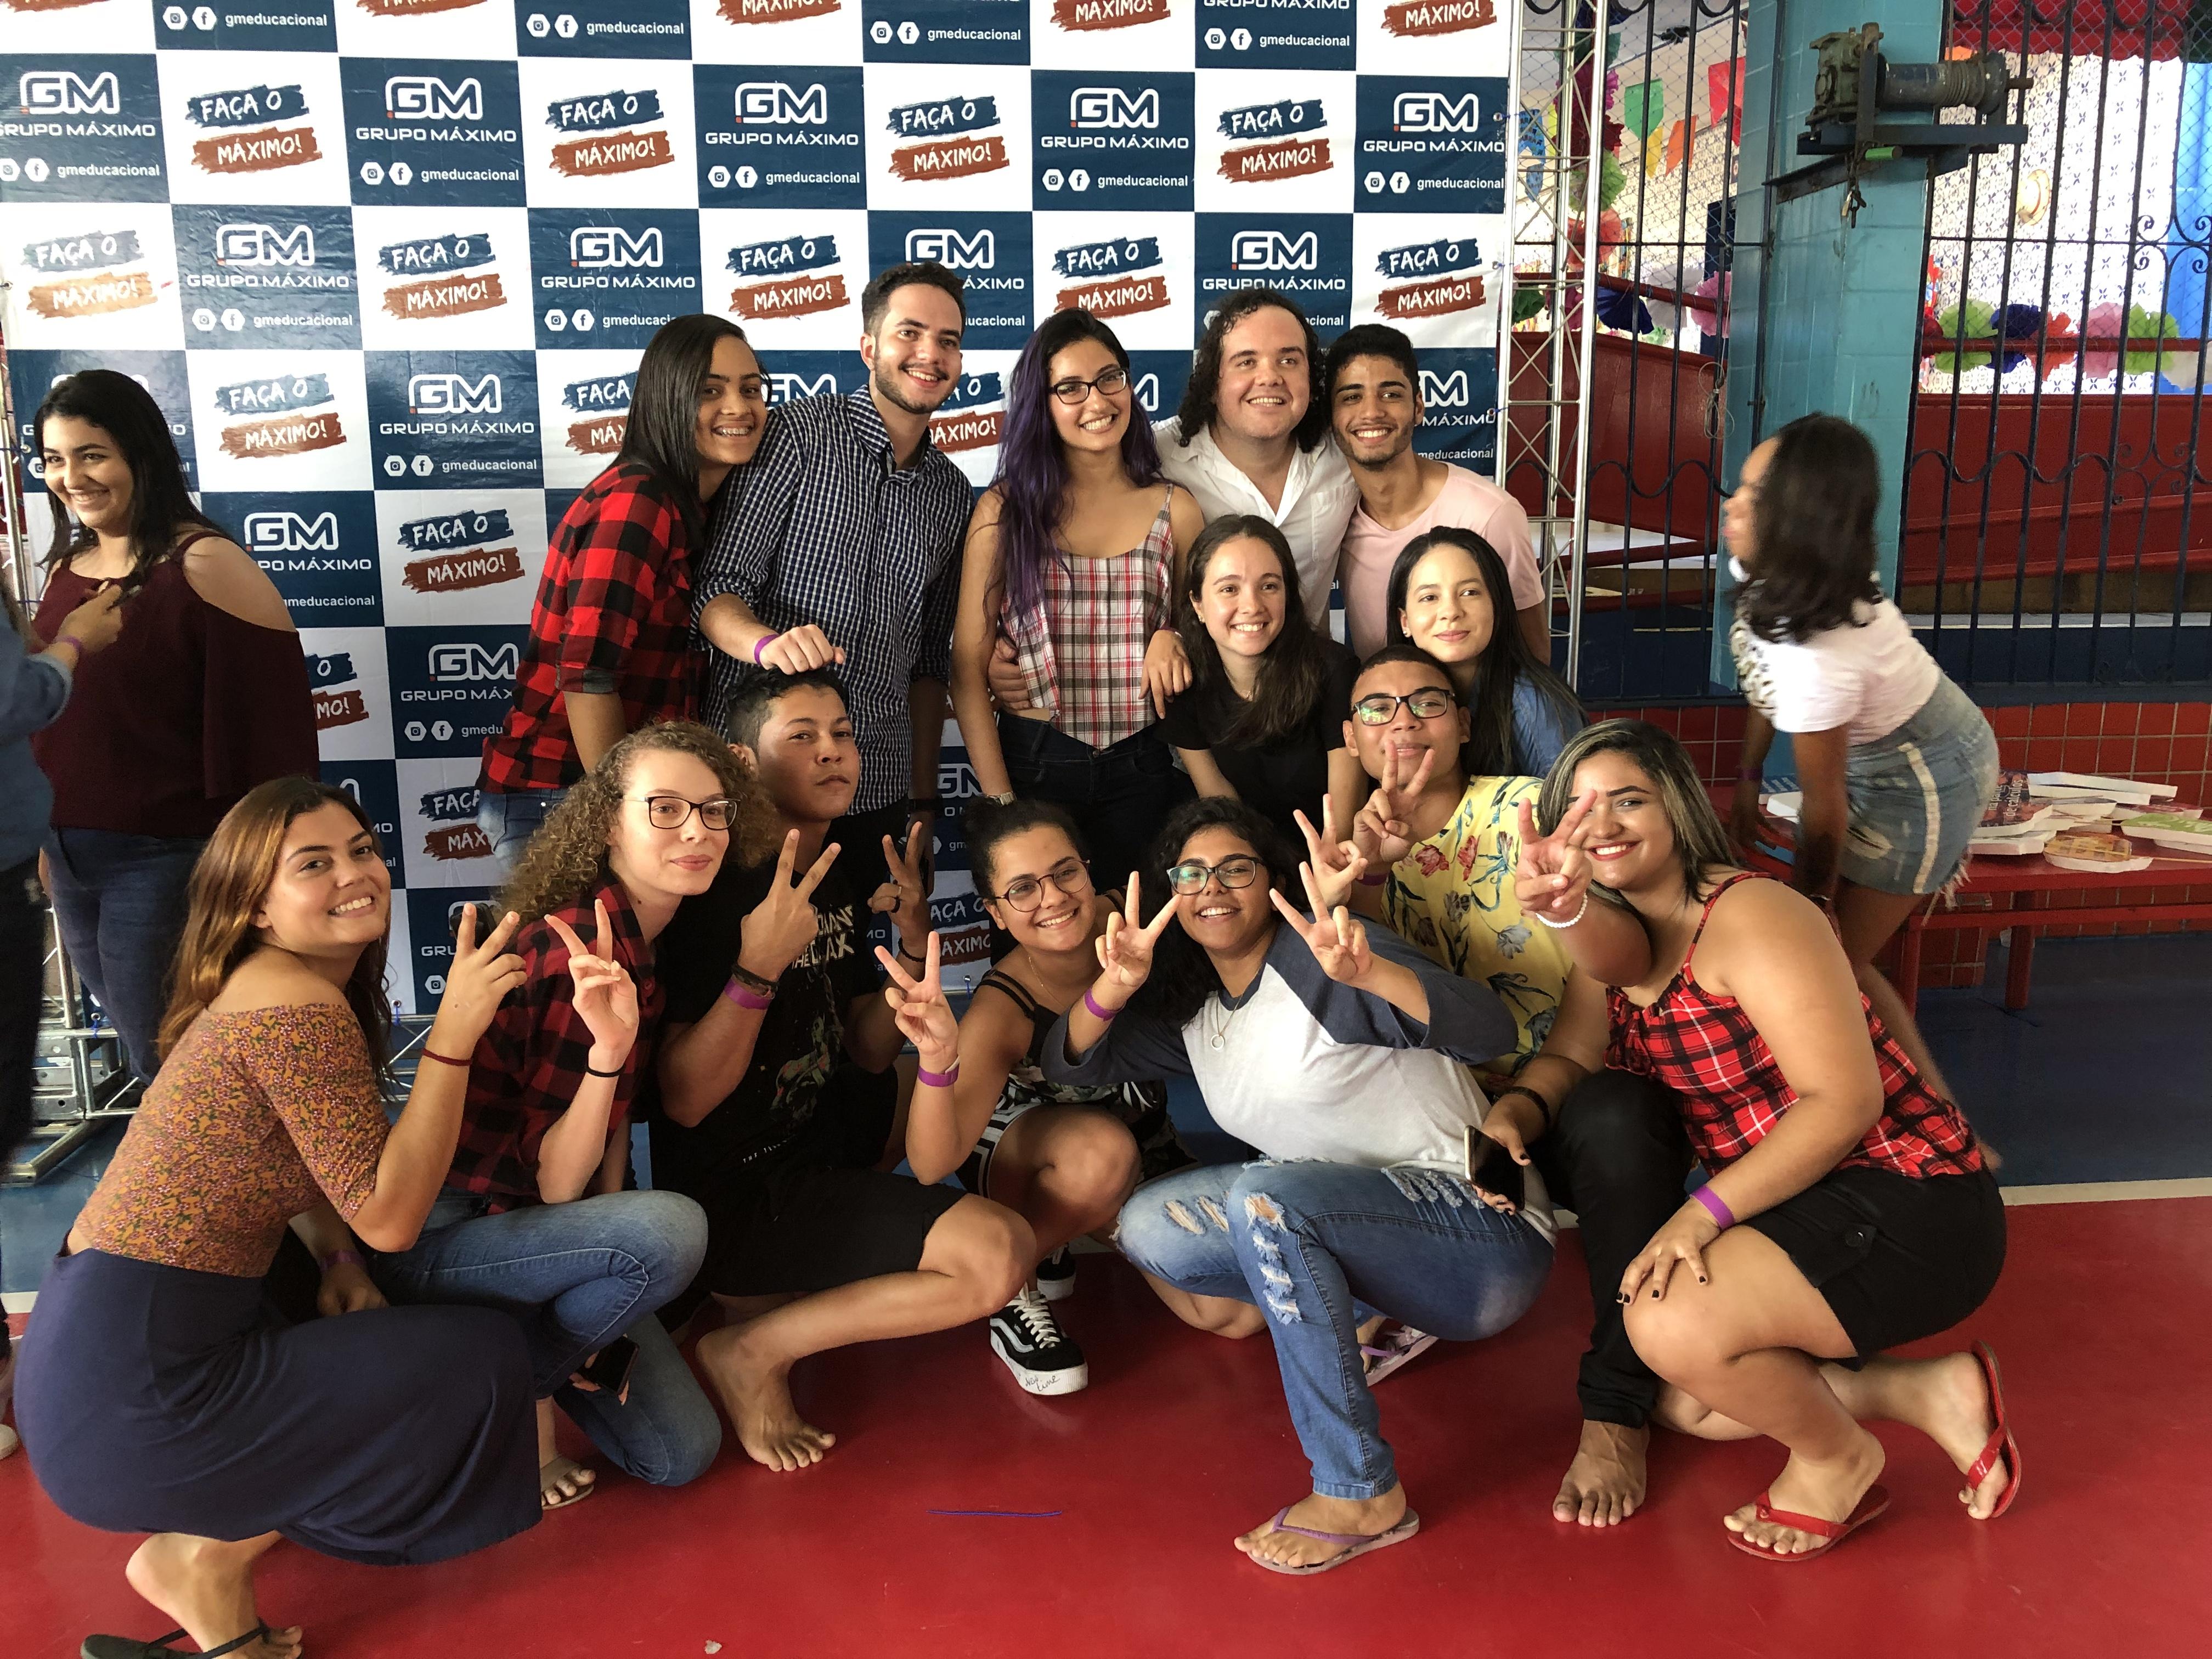 vilmar victor com alunos na festa de são joão do grupo máximo educacional